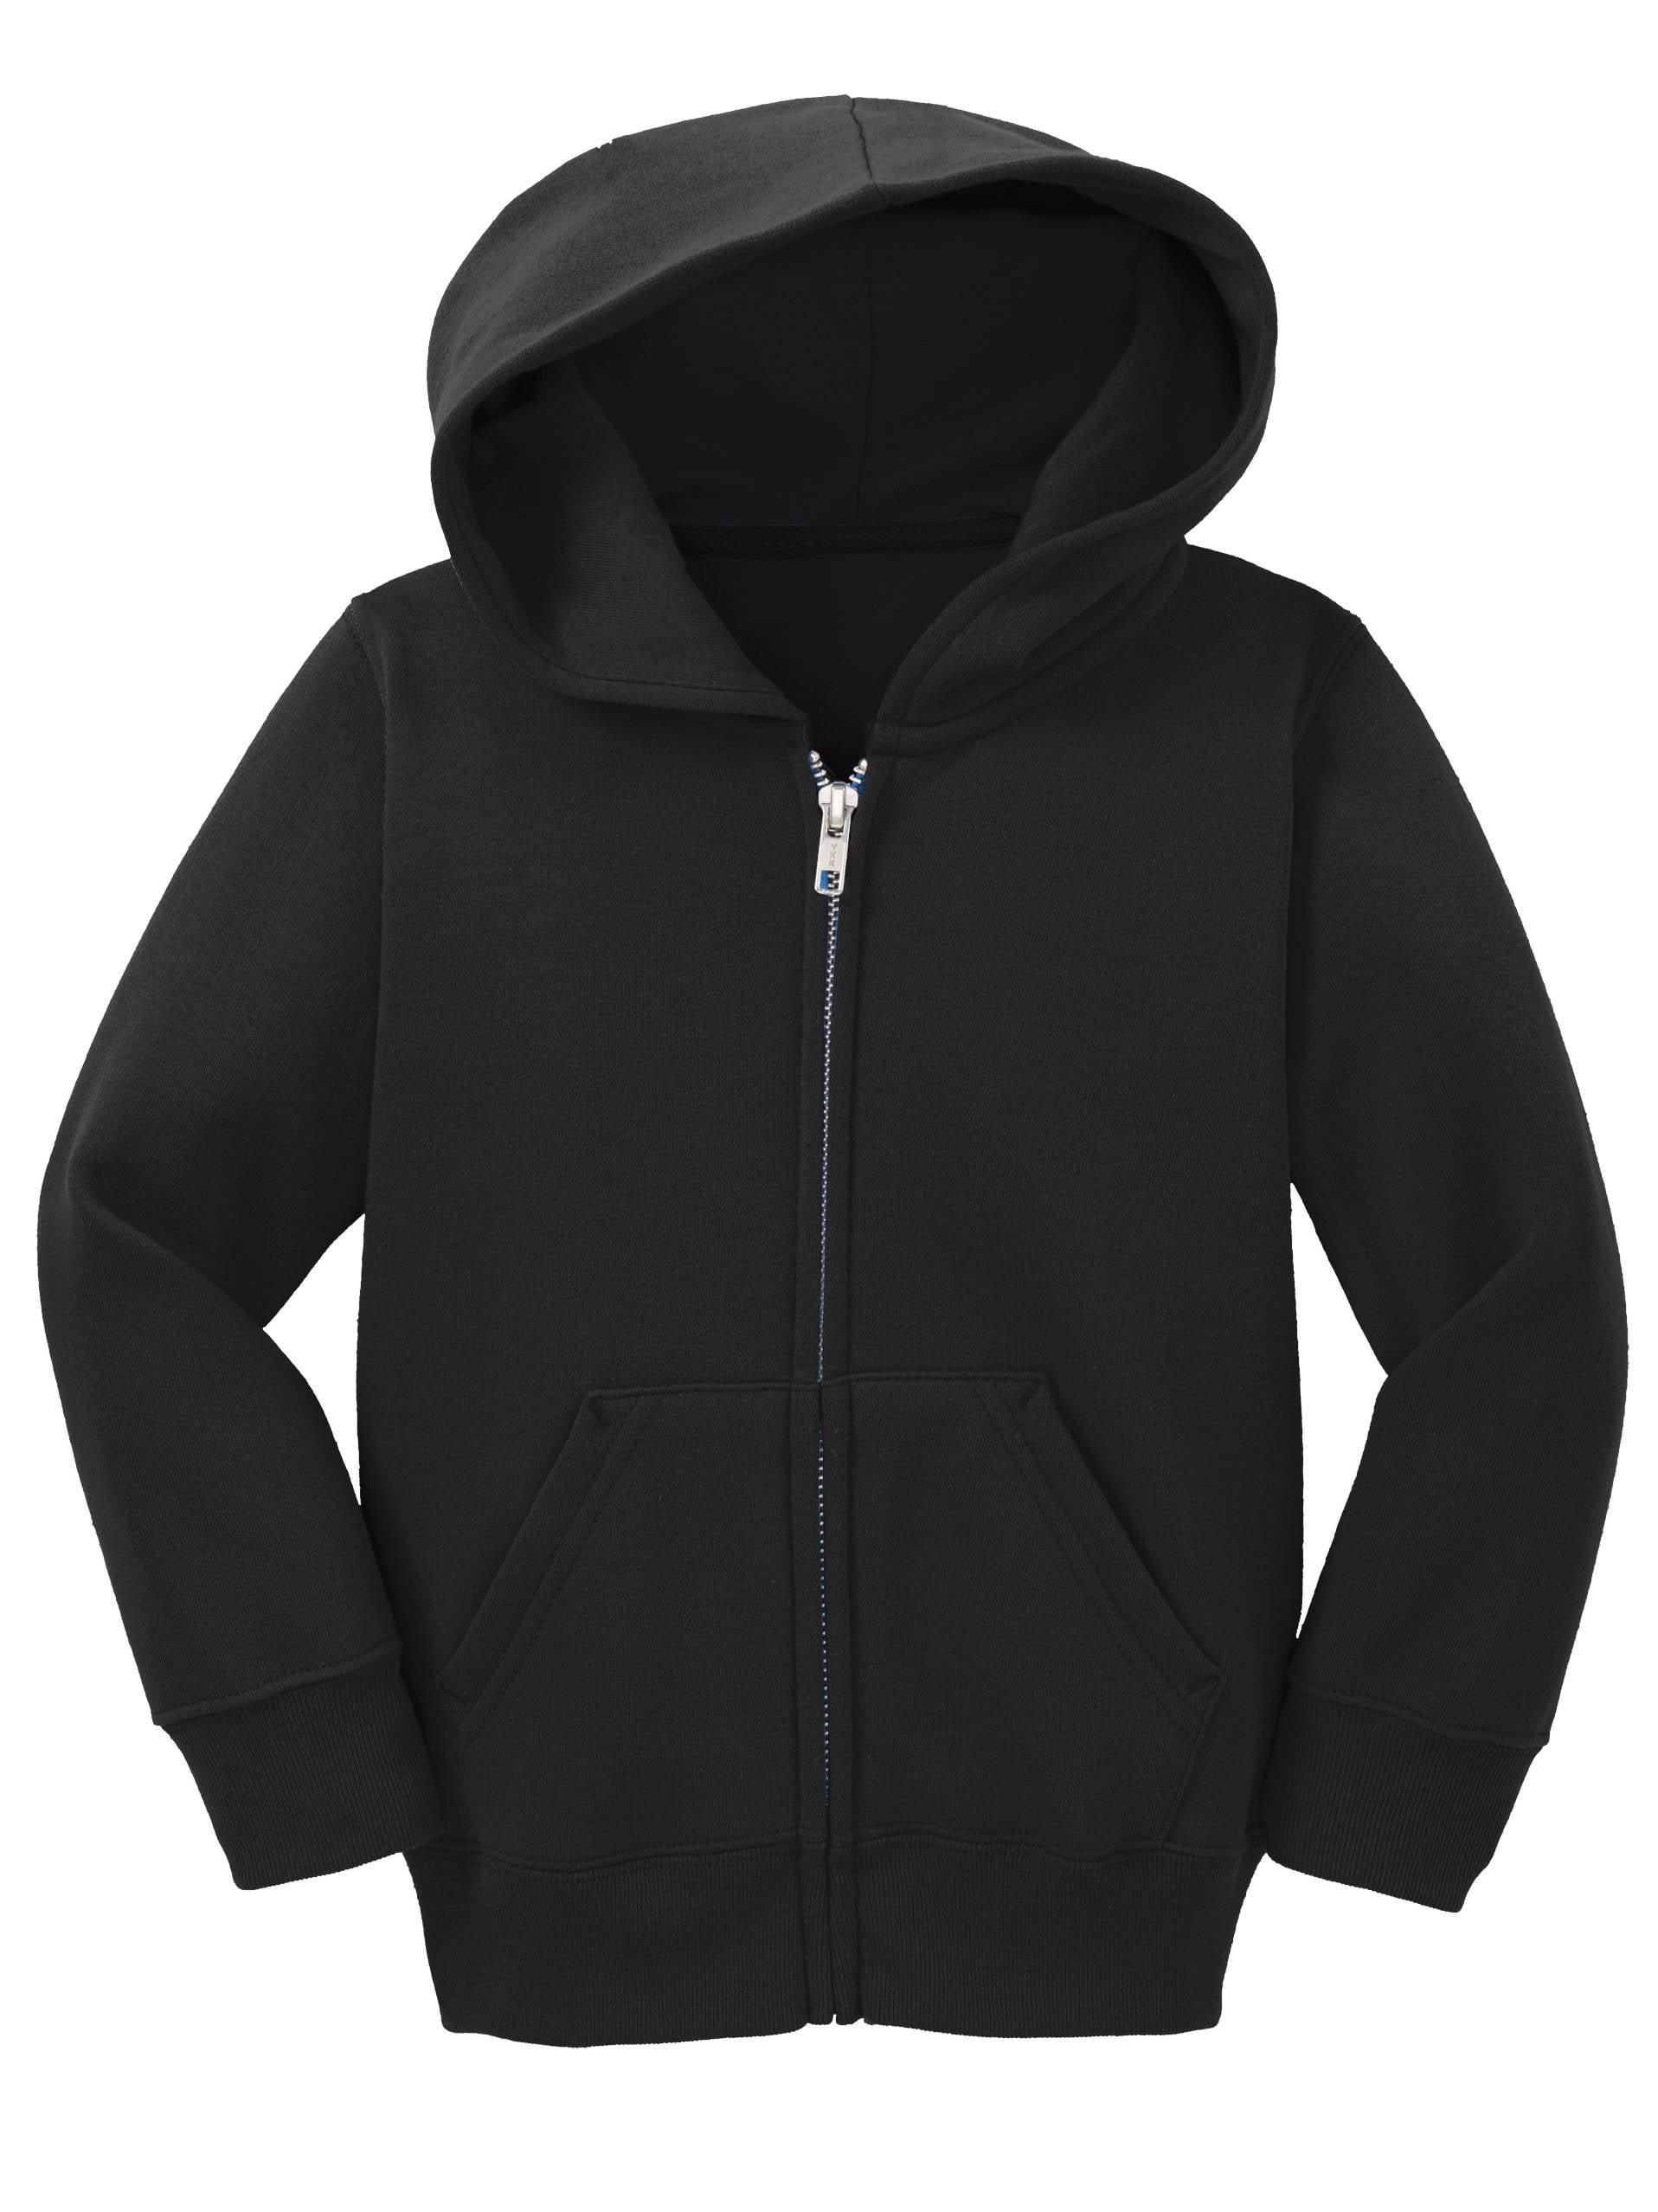 Gravity Threads Toddler Fleece Zip-Up Hoodie Sweater